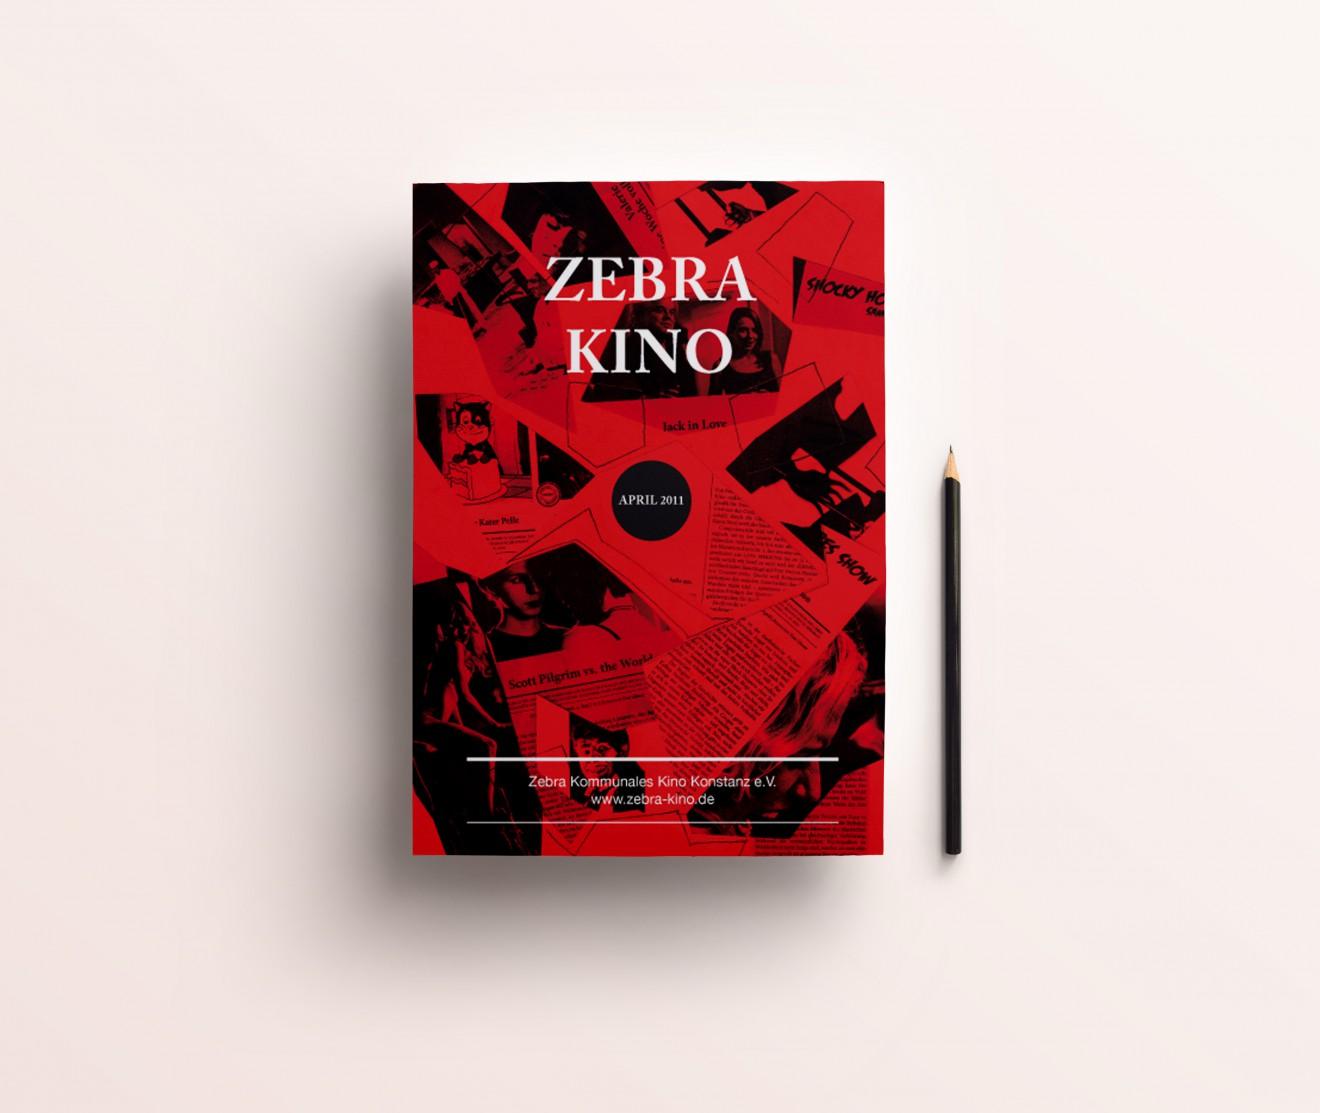 Plakat-Zebrakino-01